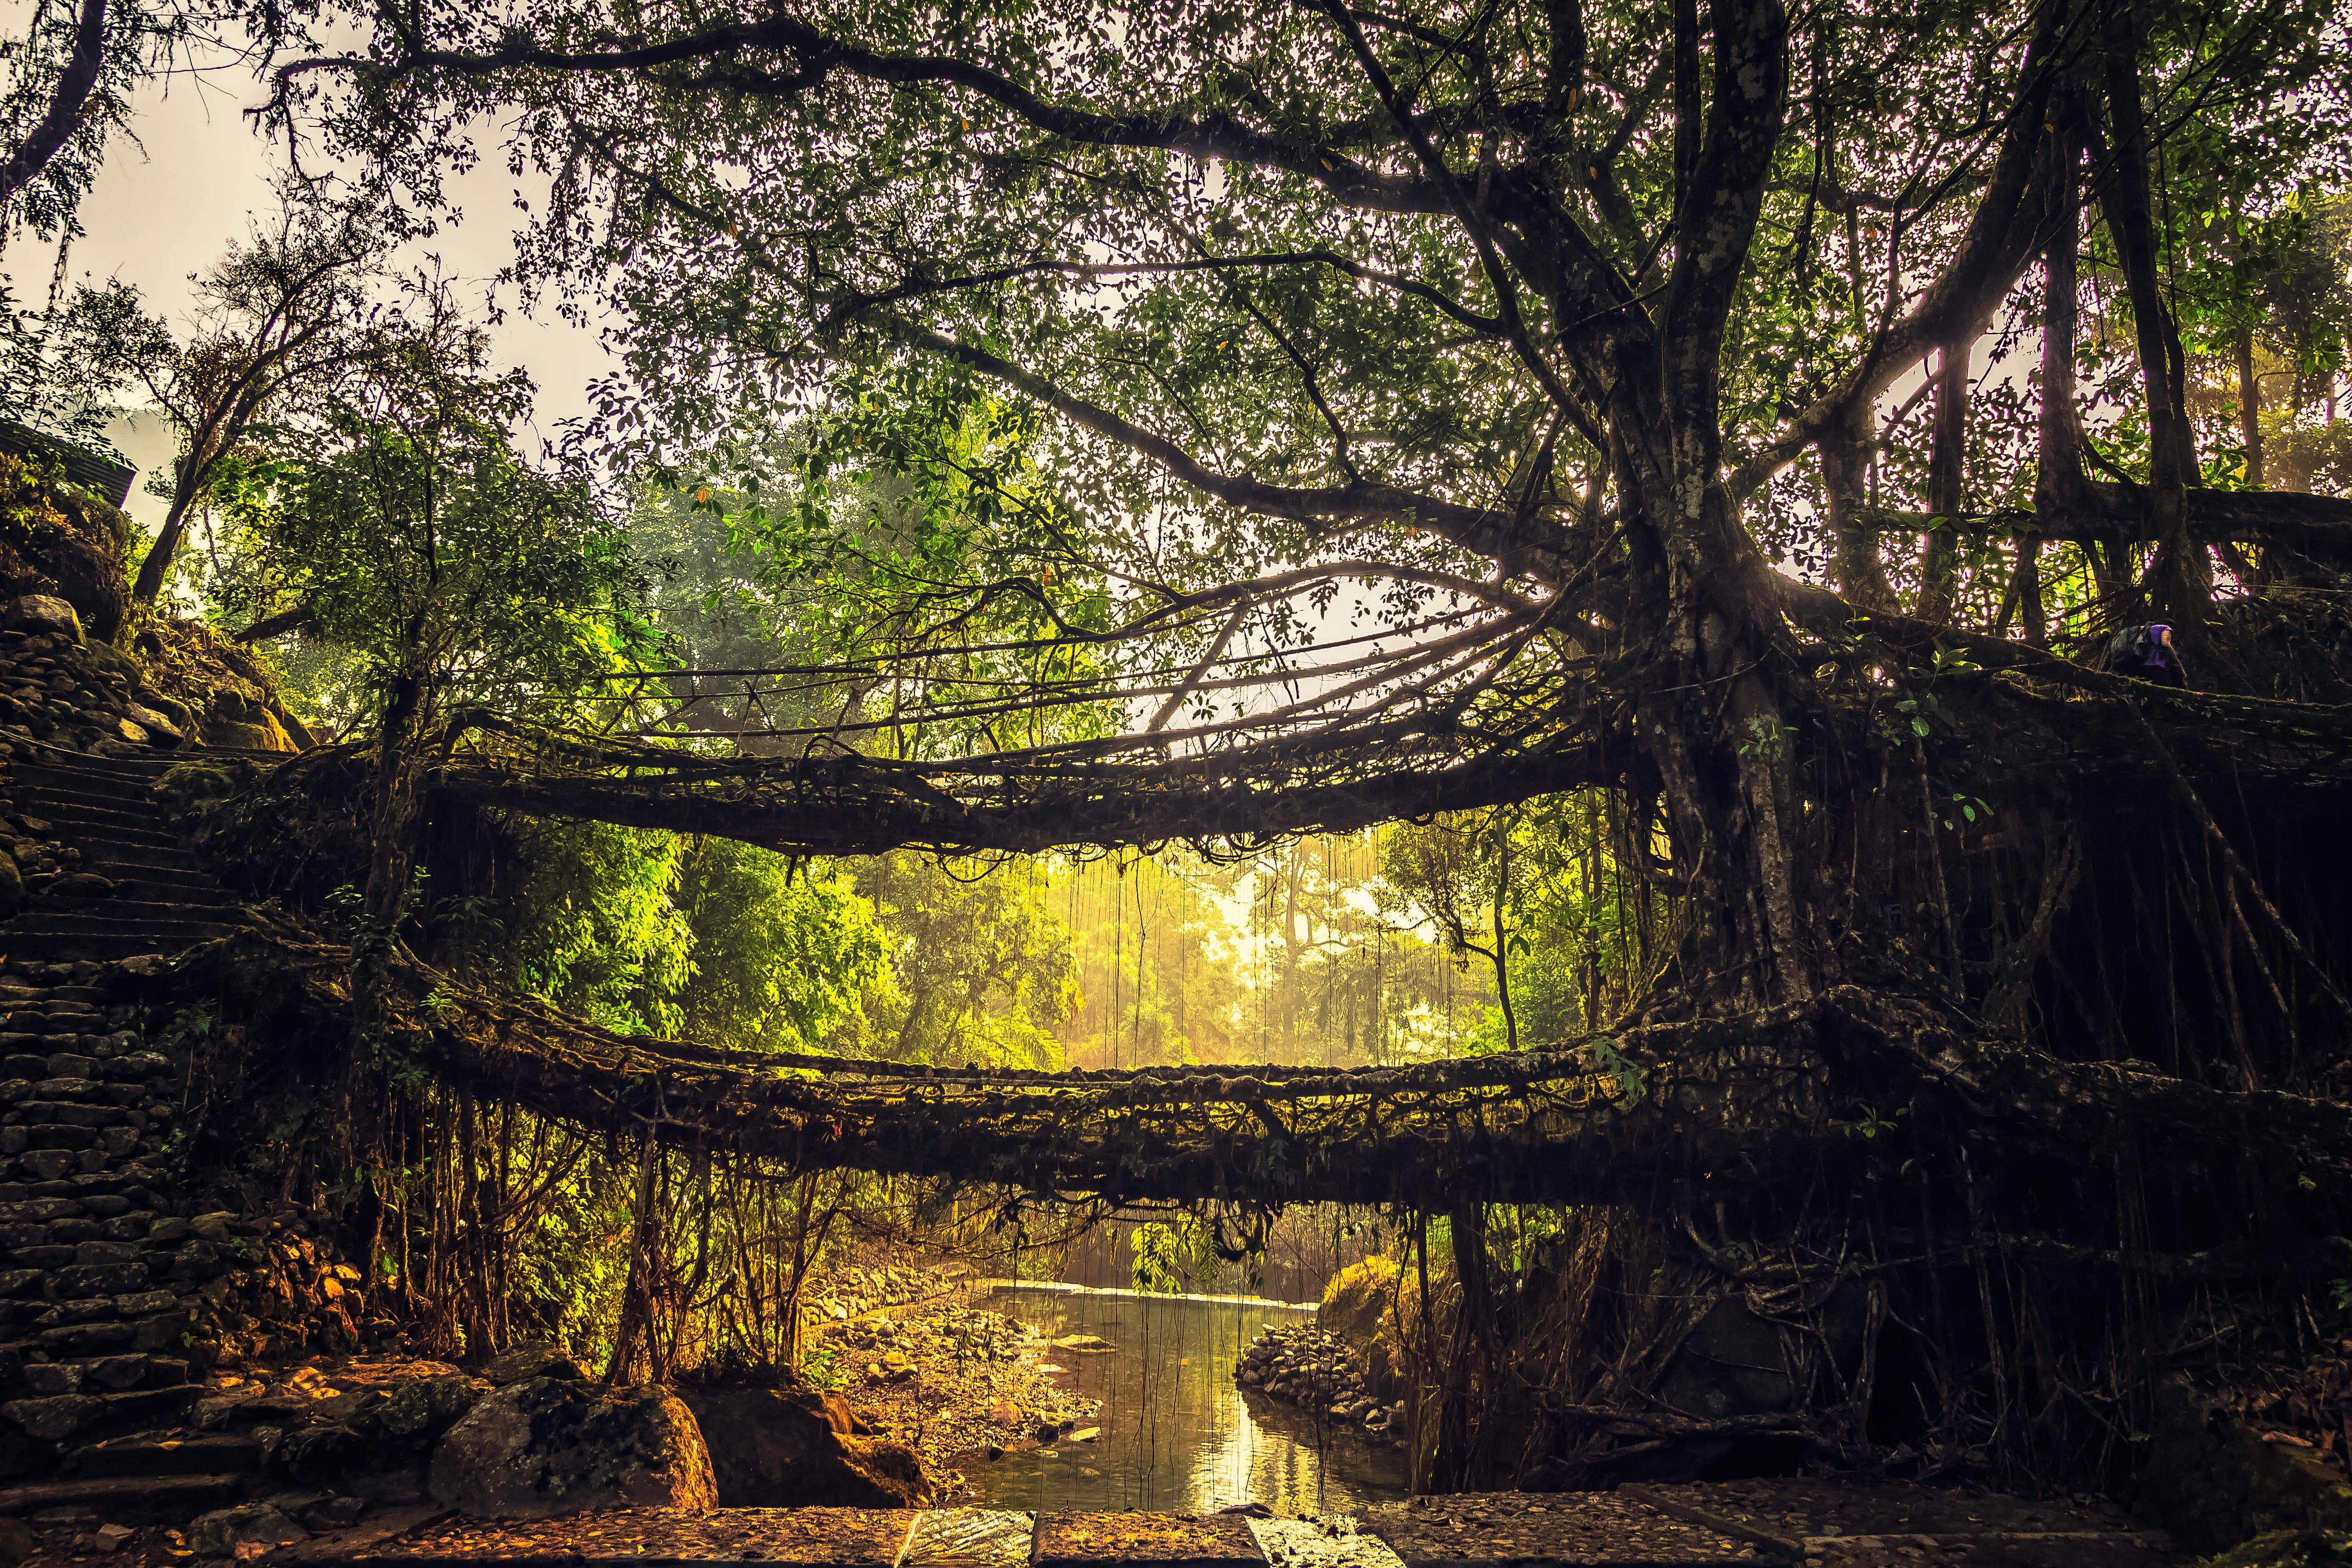 Man-made root bridge of Cherrapunji